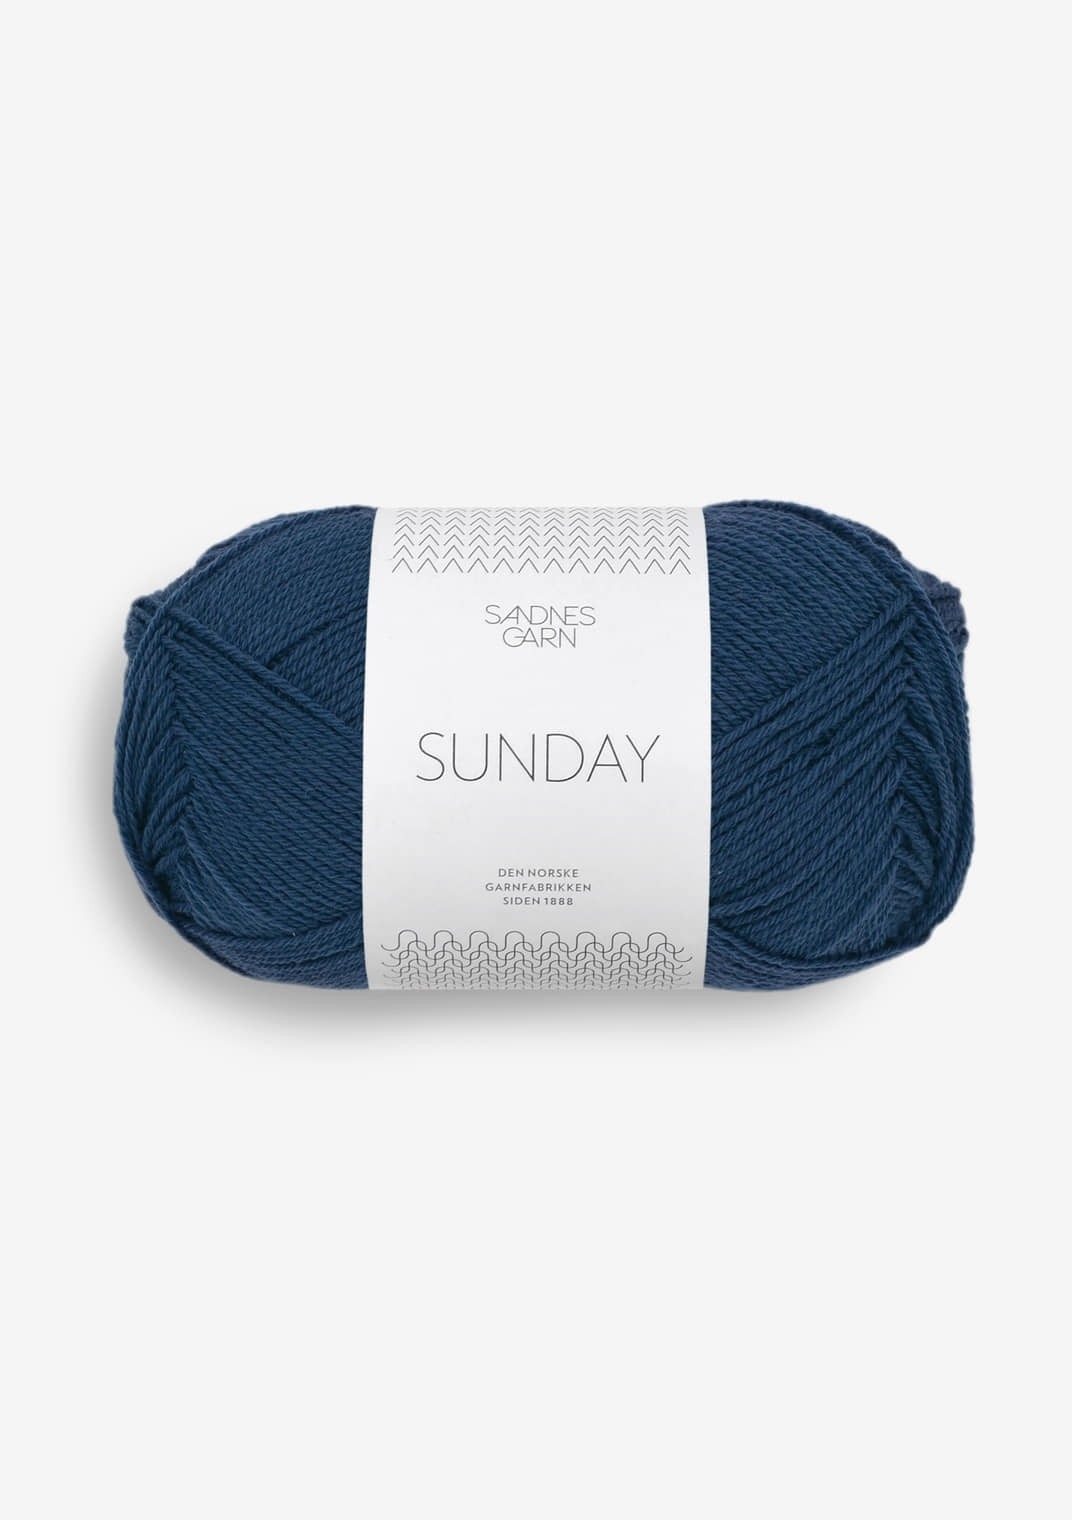 6062 Mørk Blå Sunday SANDNES